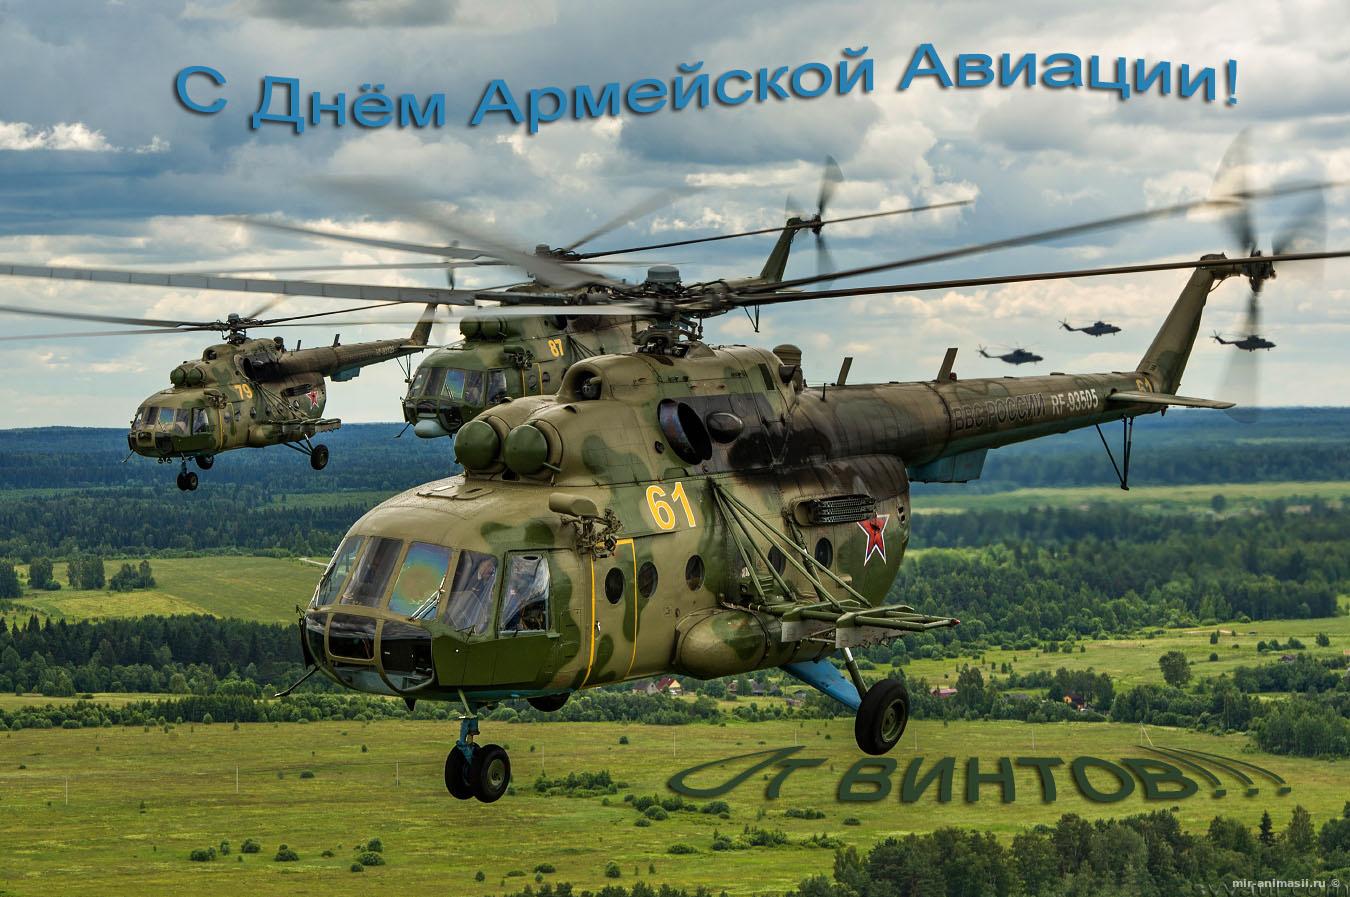 Открытки. День армейской авиации!  28 октября. Поздравляю вас открытки фото рисунки картинки поздравления